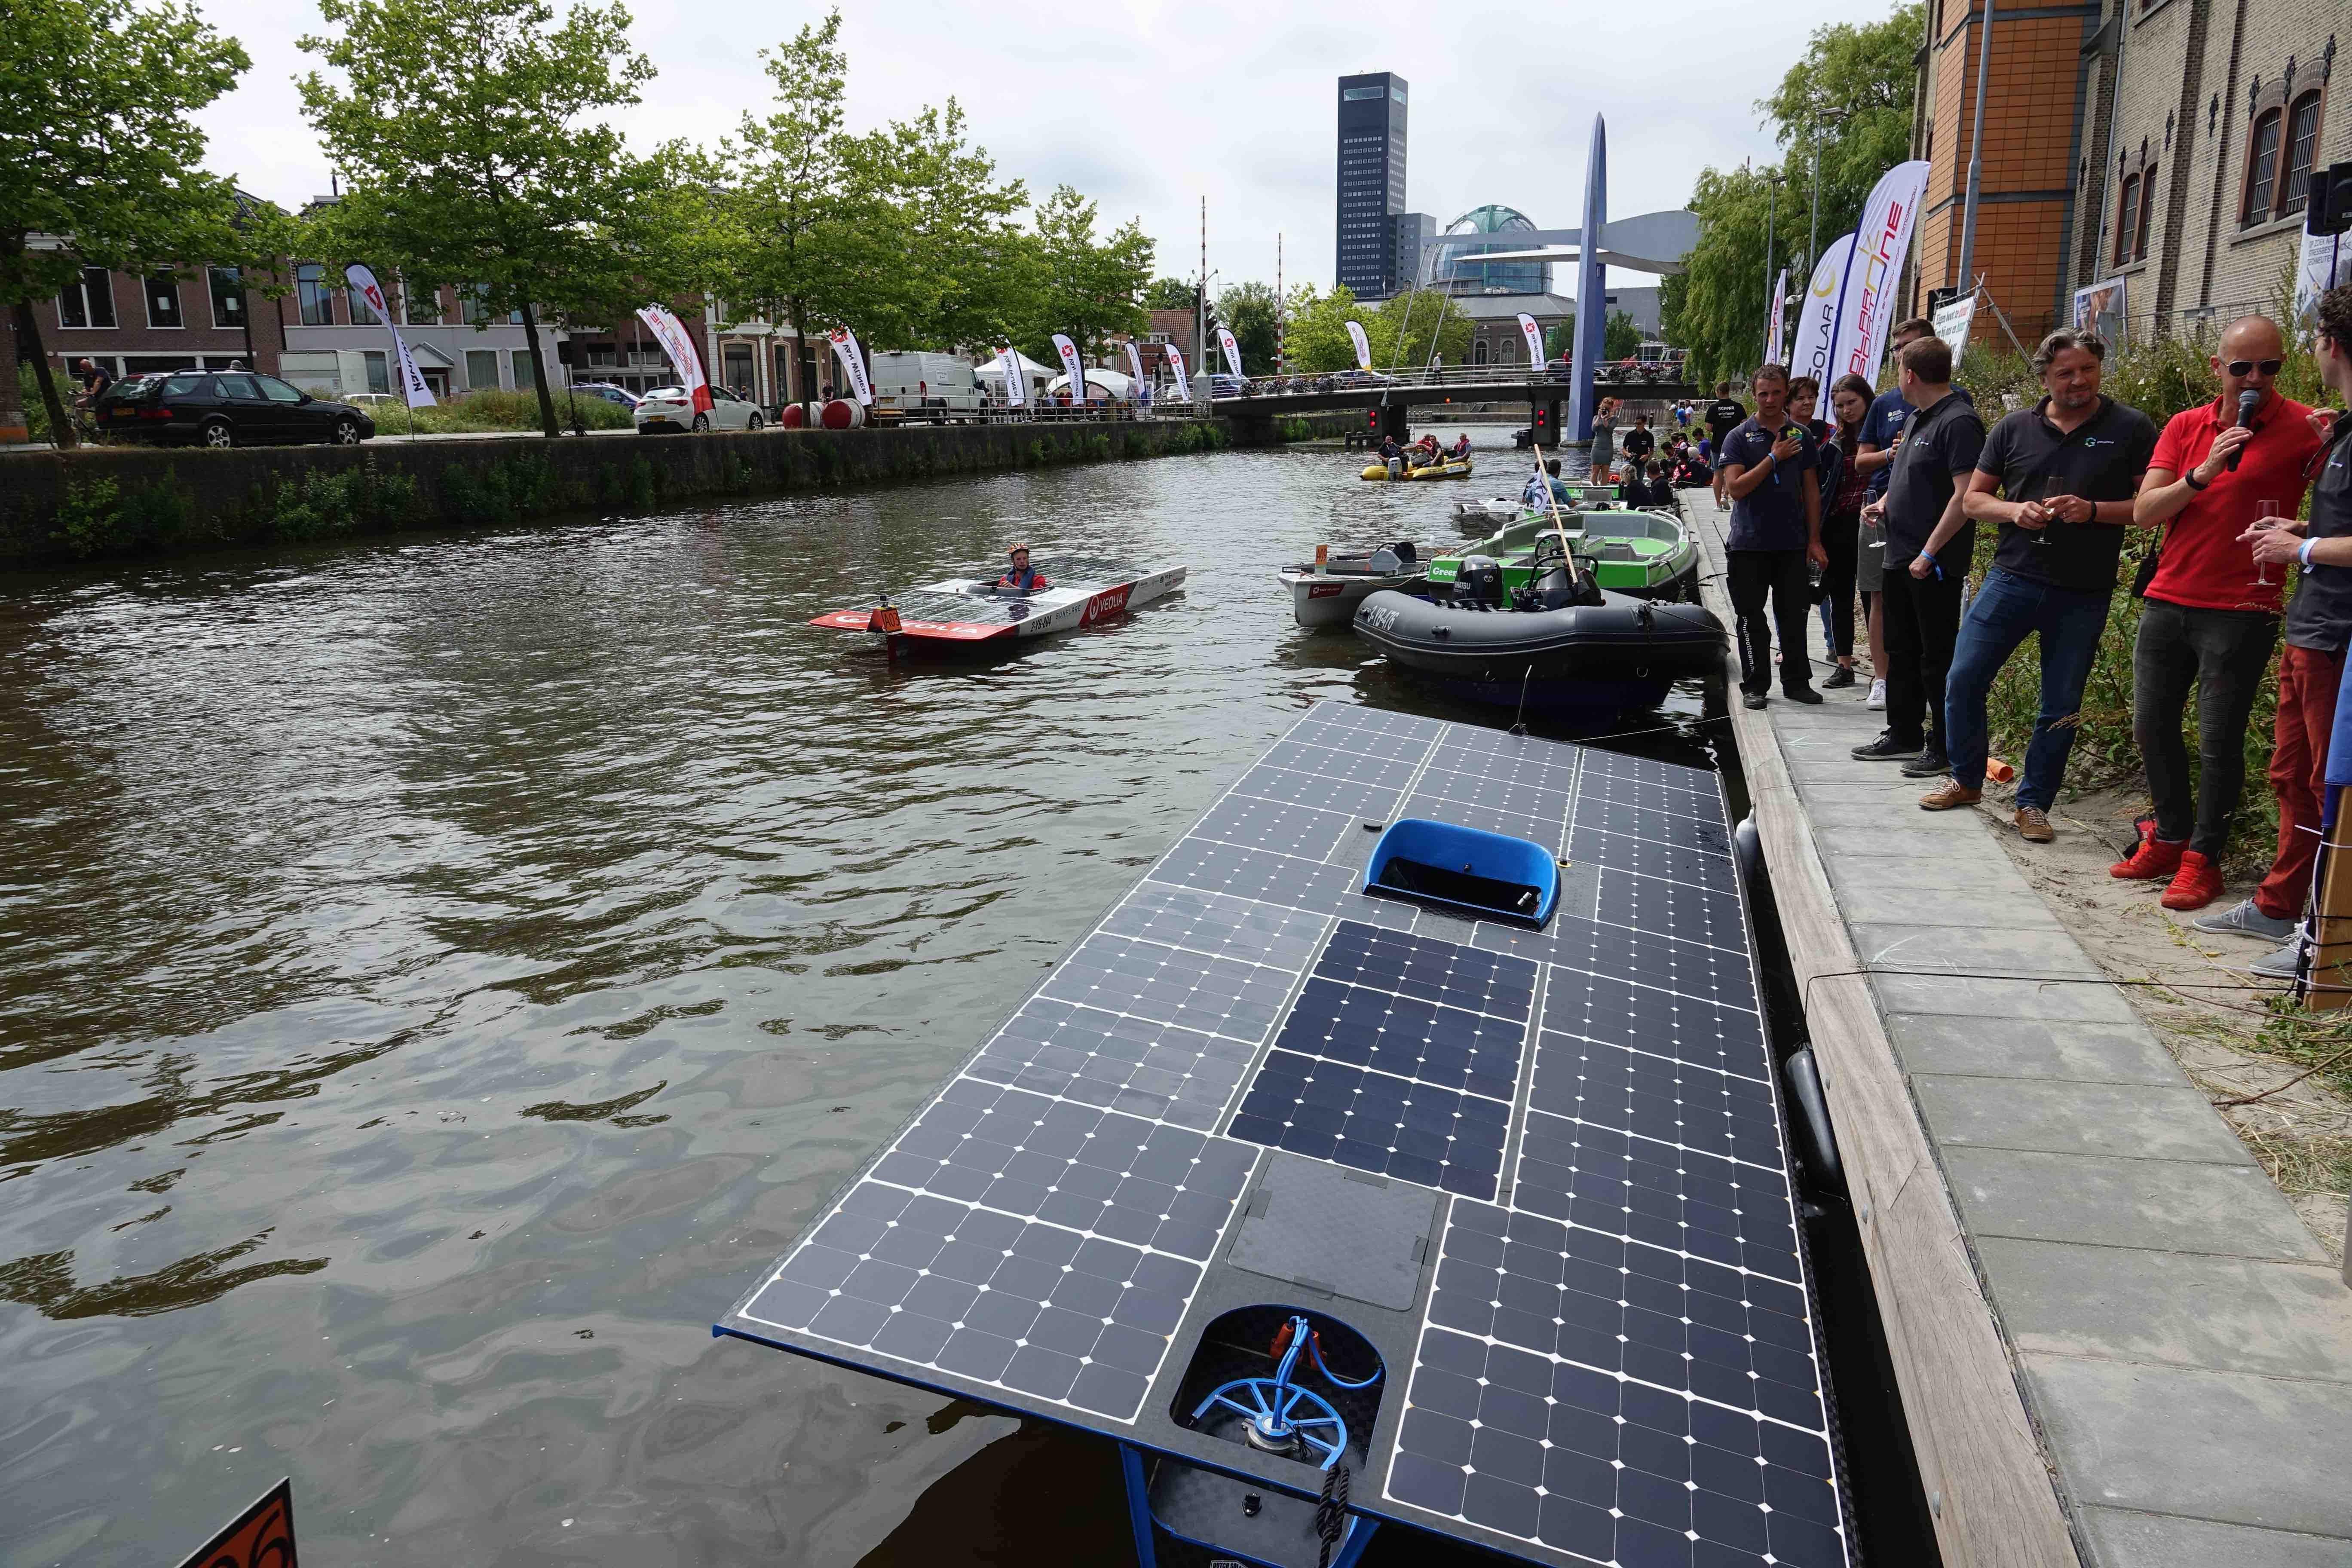 NaGa Solar - Dutch Solar Boat 06072018#DSC05626